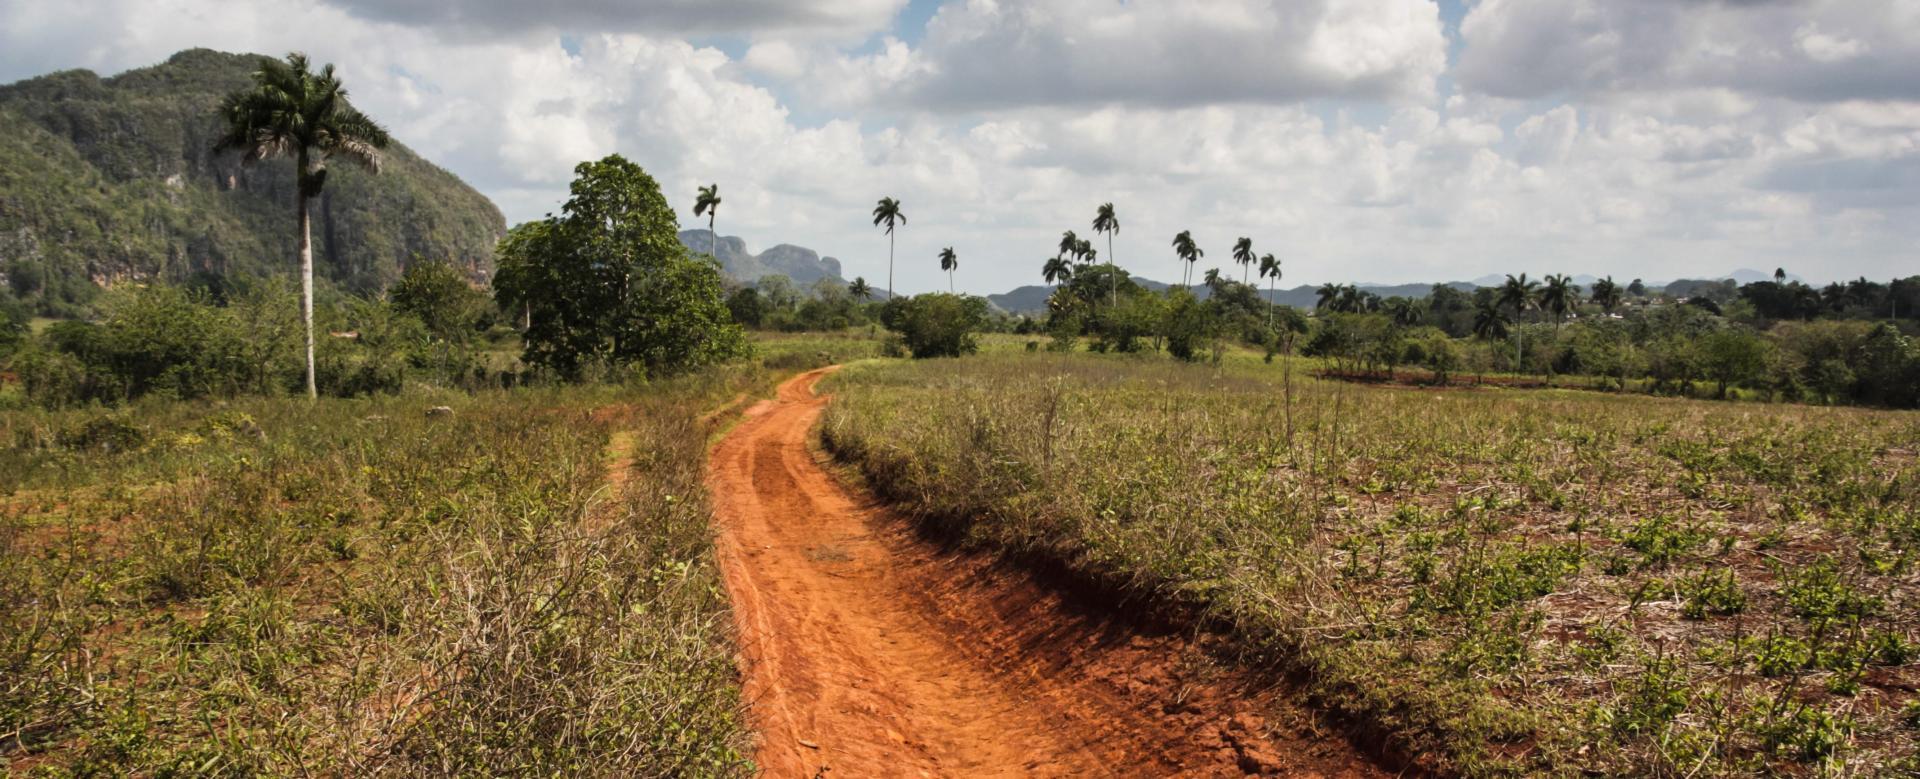 Voyage en véhicule : L'intégrale de cuba